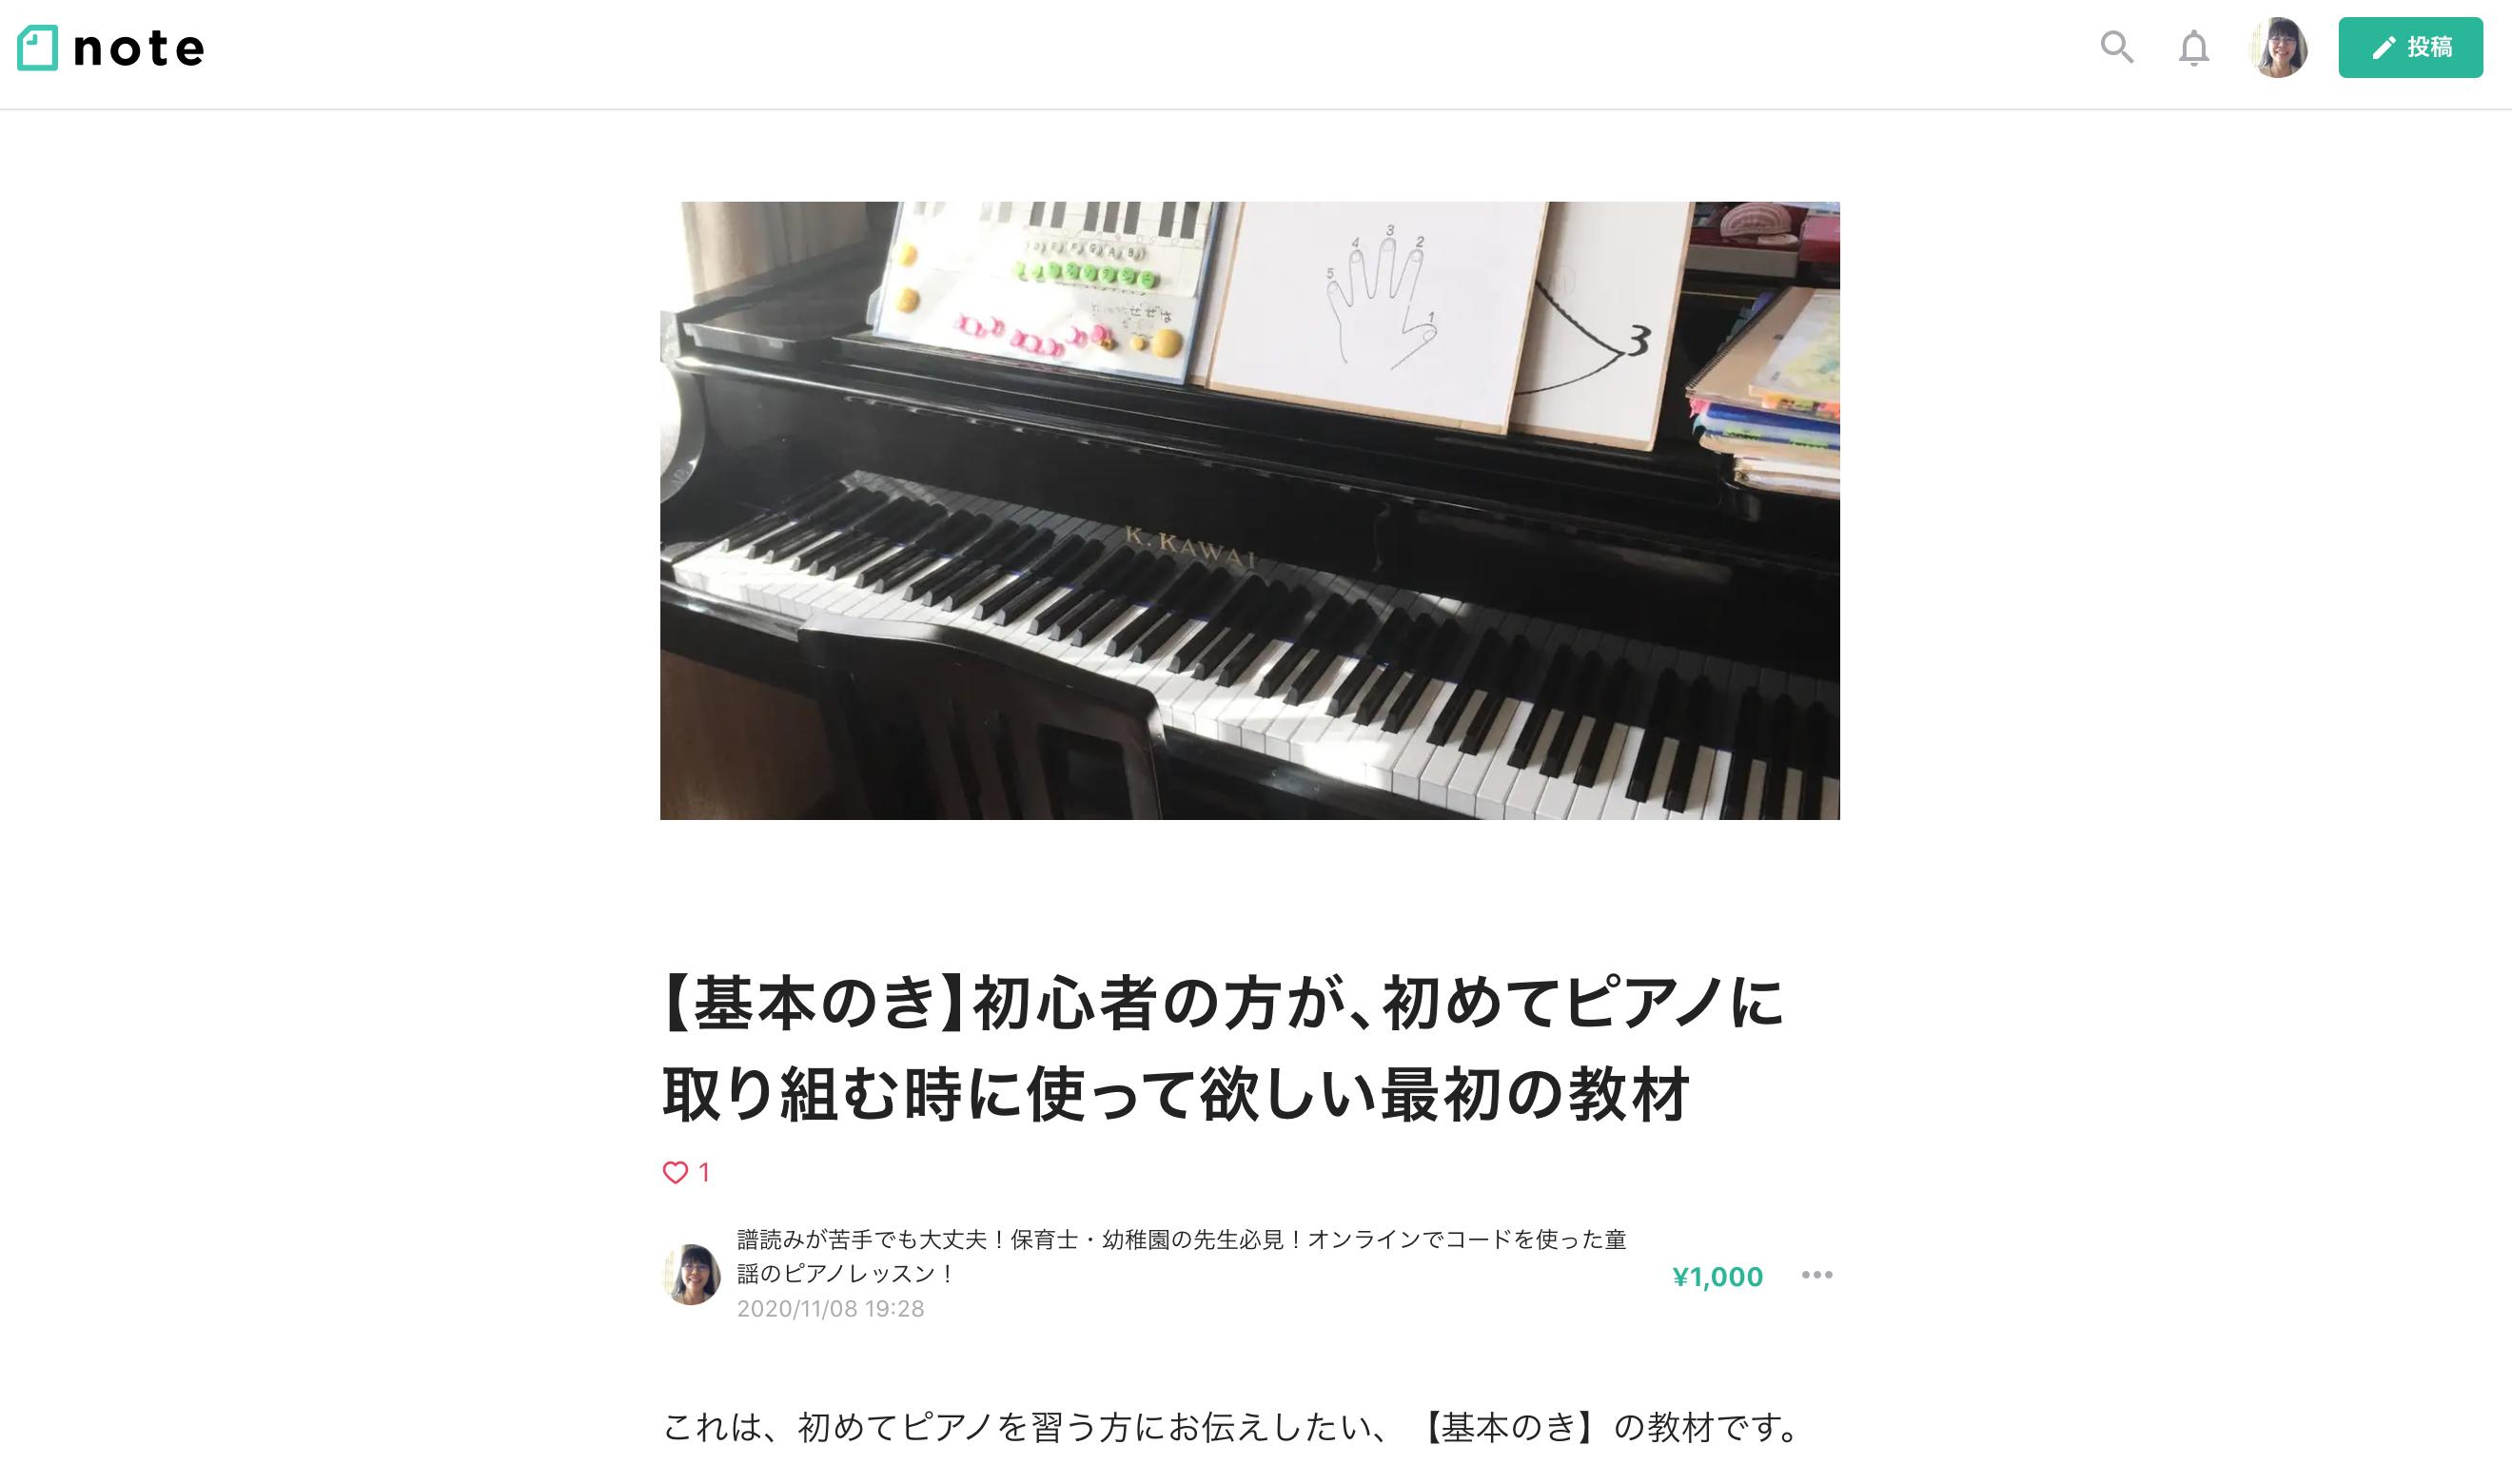 ブログ記事のTOP画像